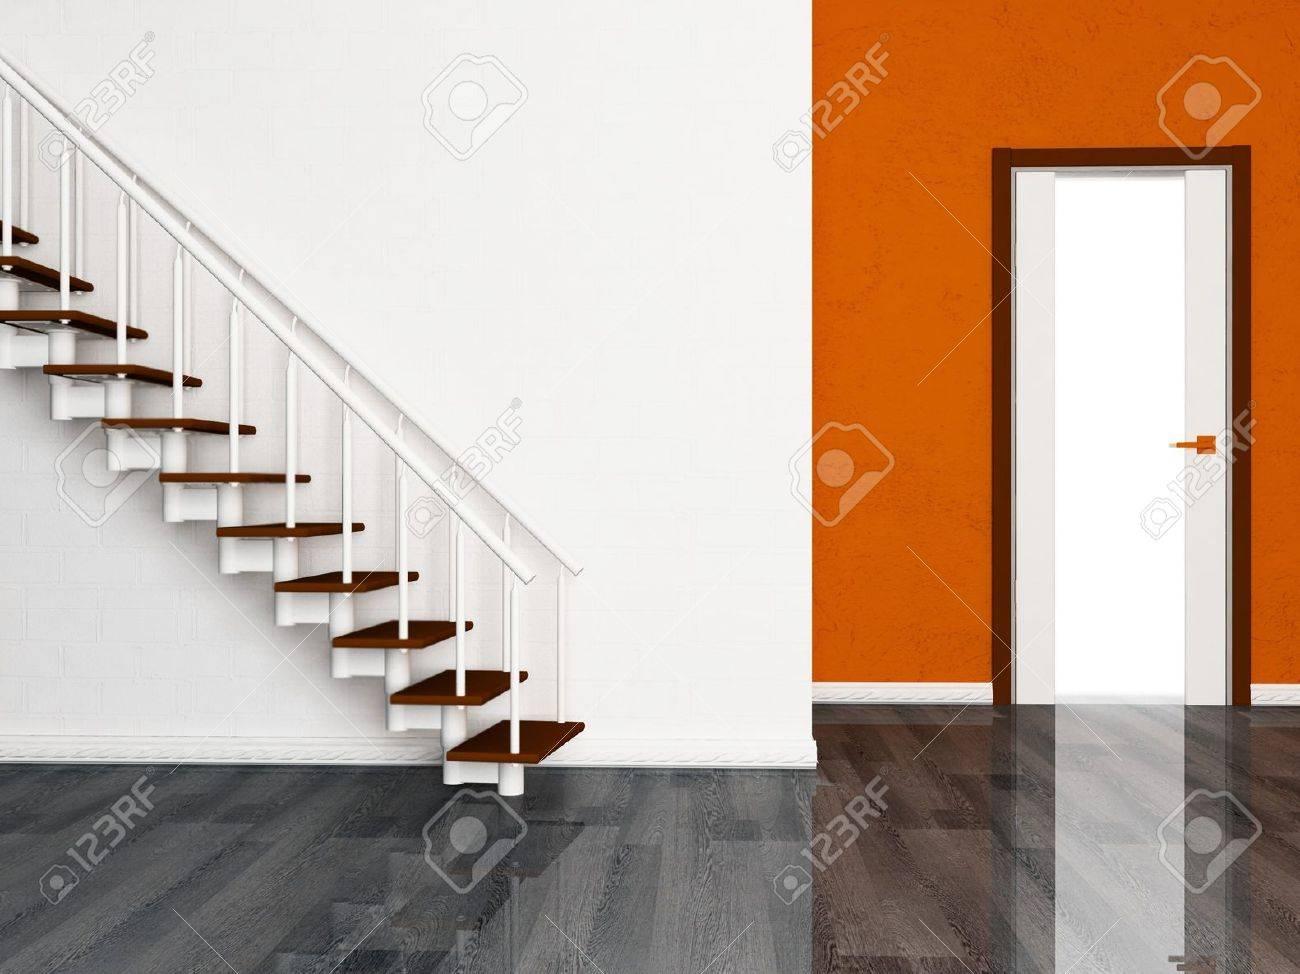 Interieurontwerp scène met een deur en een trap royalty vrije foto